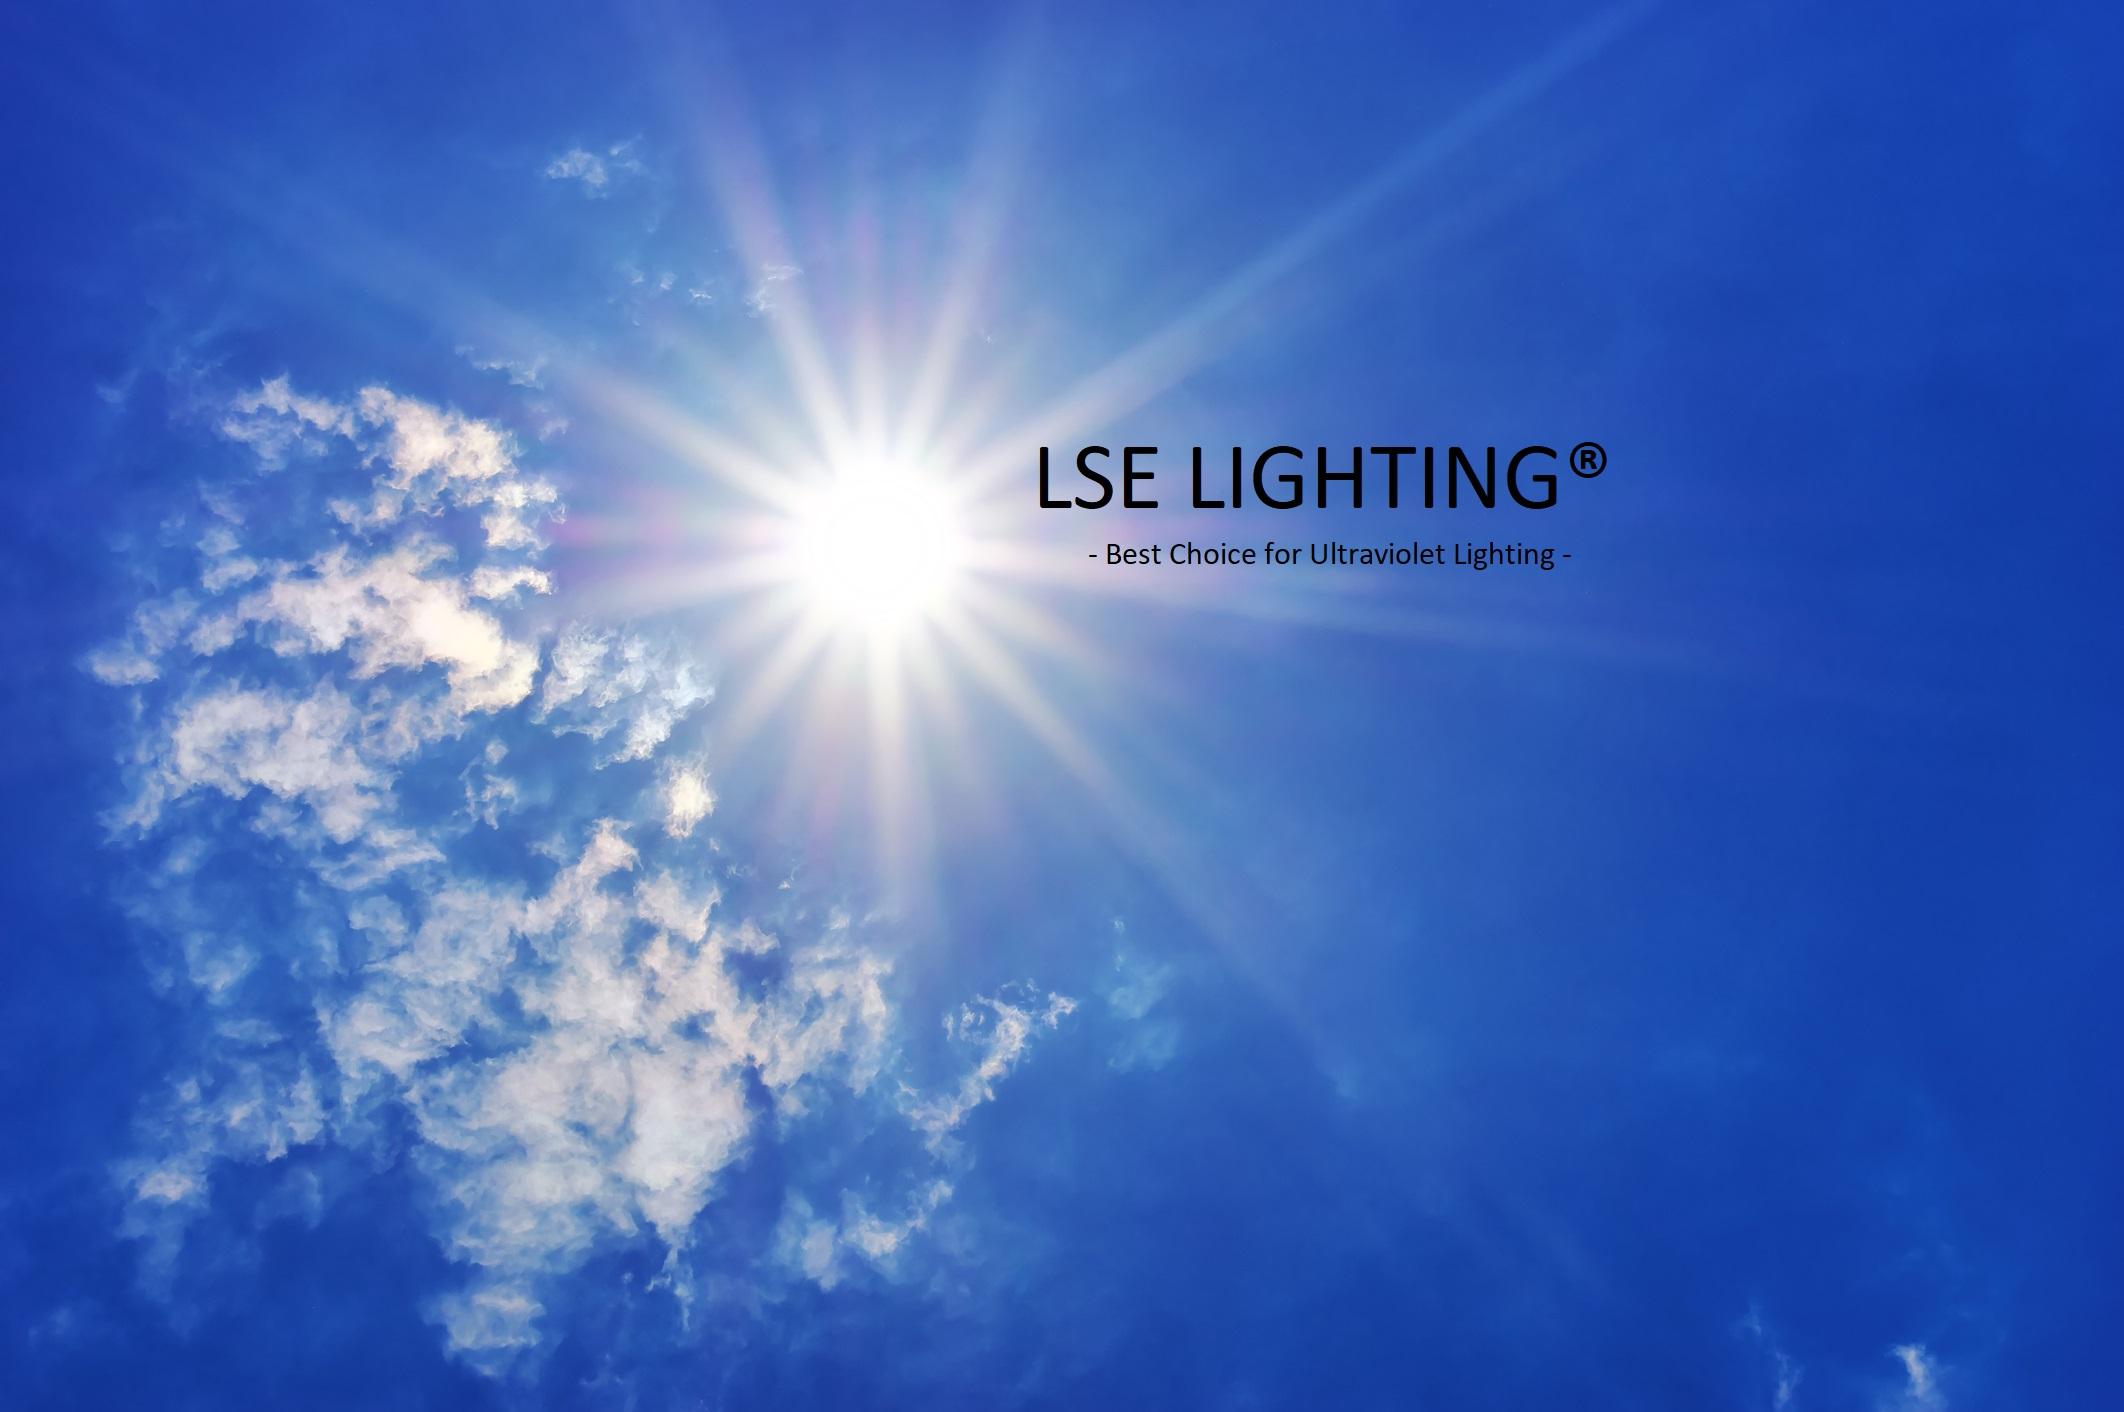 LSE Lighting replacement UV lamp for AH-RL Air Health Home 46444900 AH-1